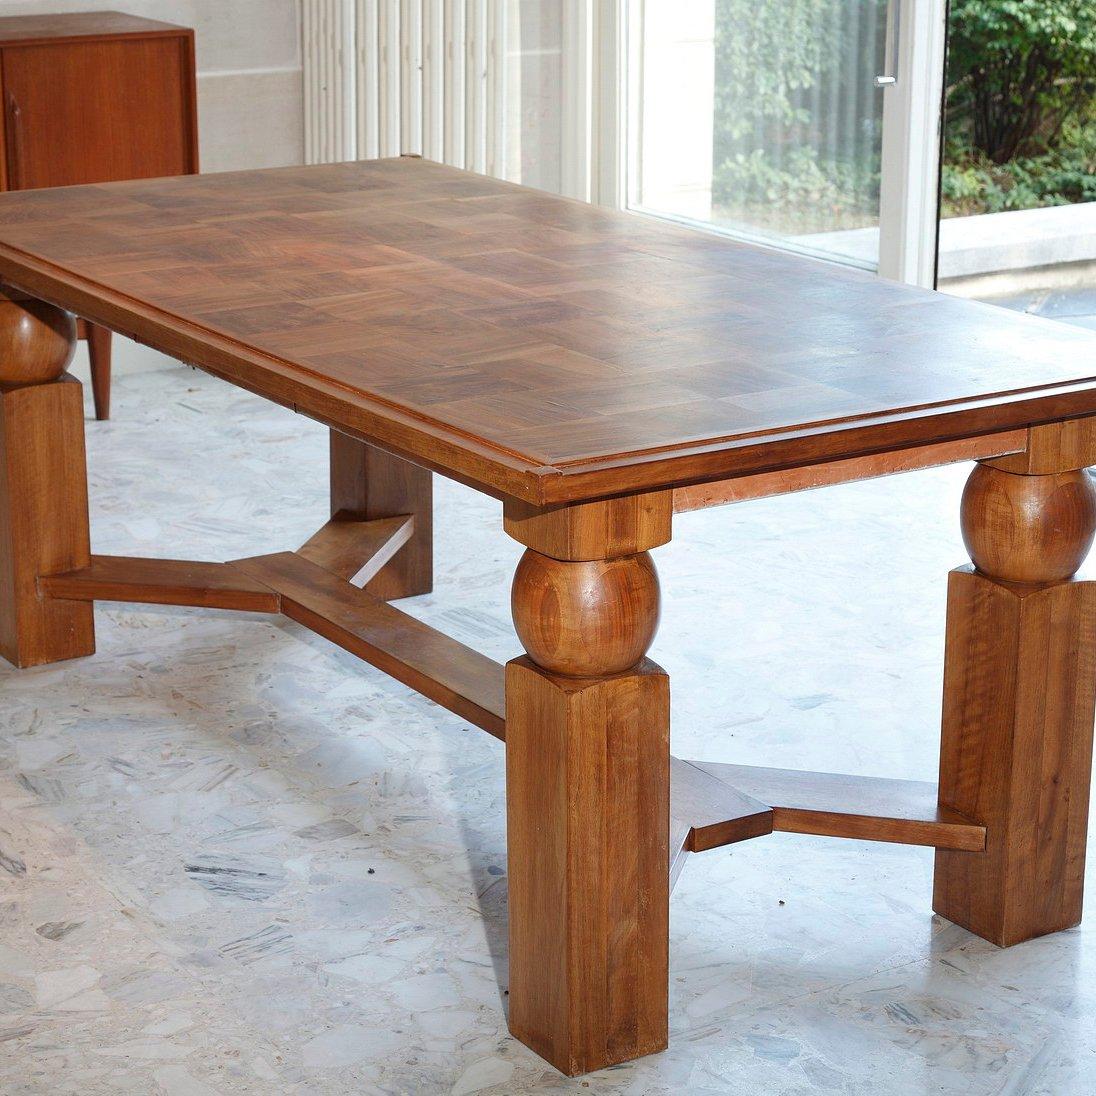 Tavolo da pranzo allungabile in legno naturale di - Tavolo da pranzo legno ...